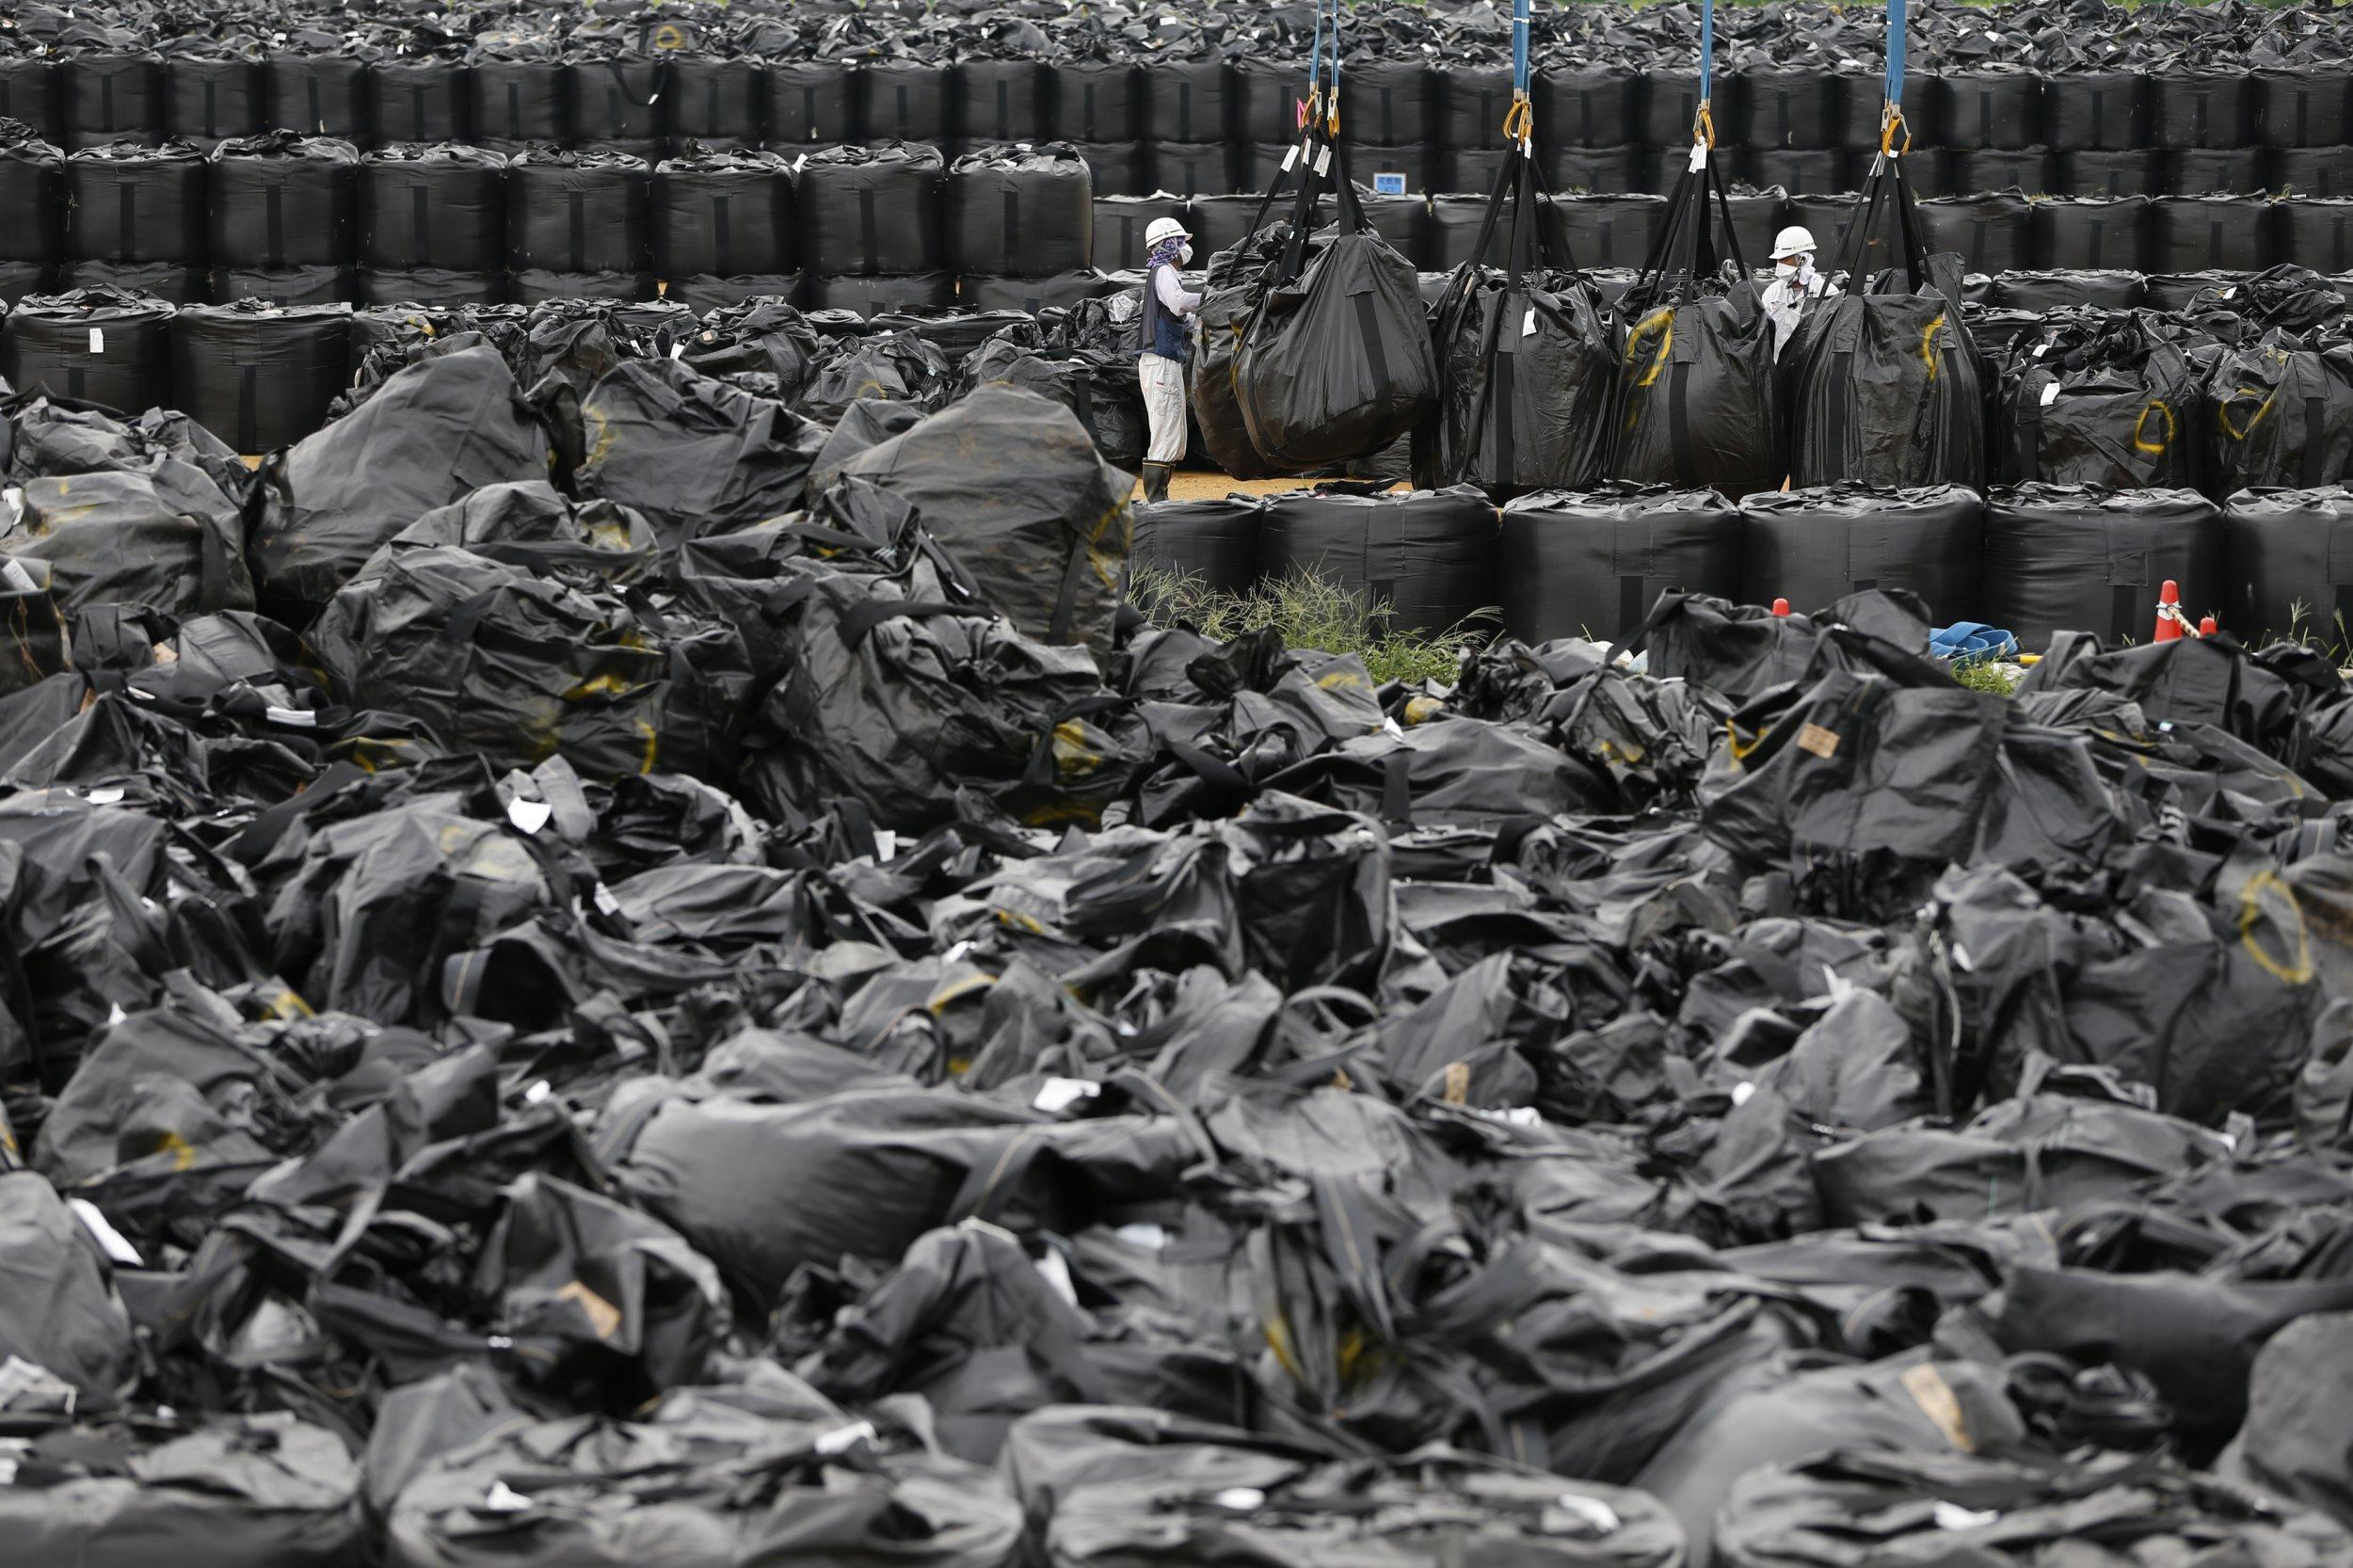 9_21_Fukushima clean-up